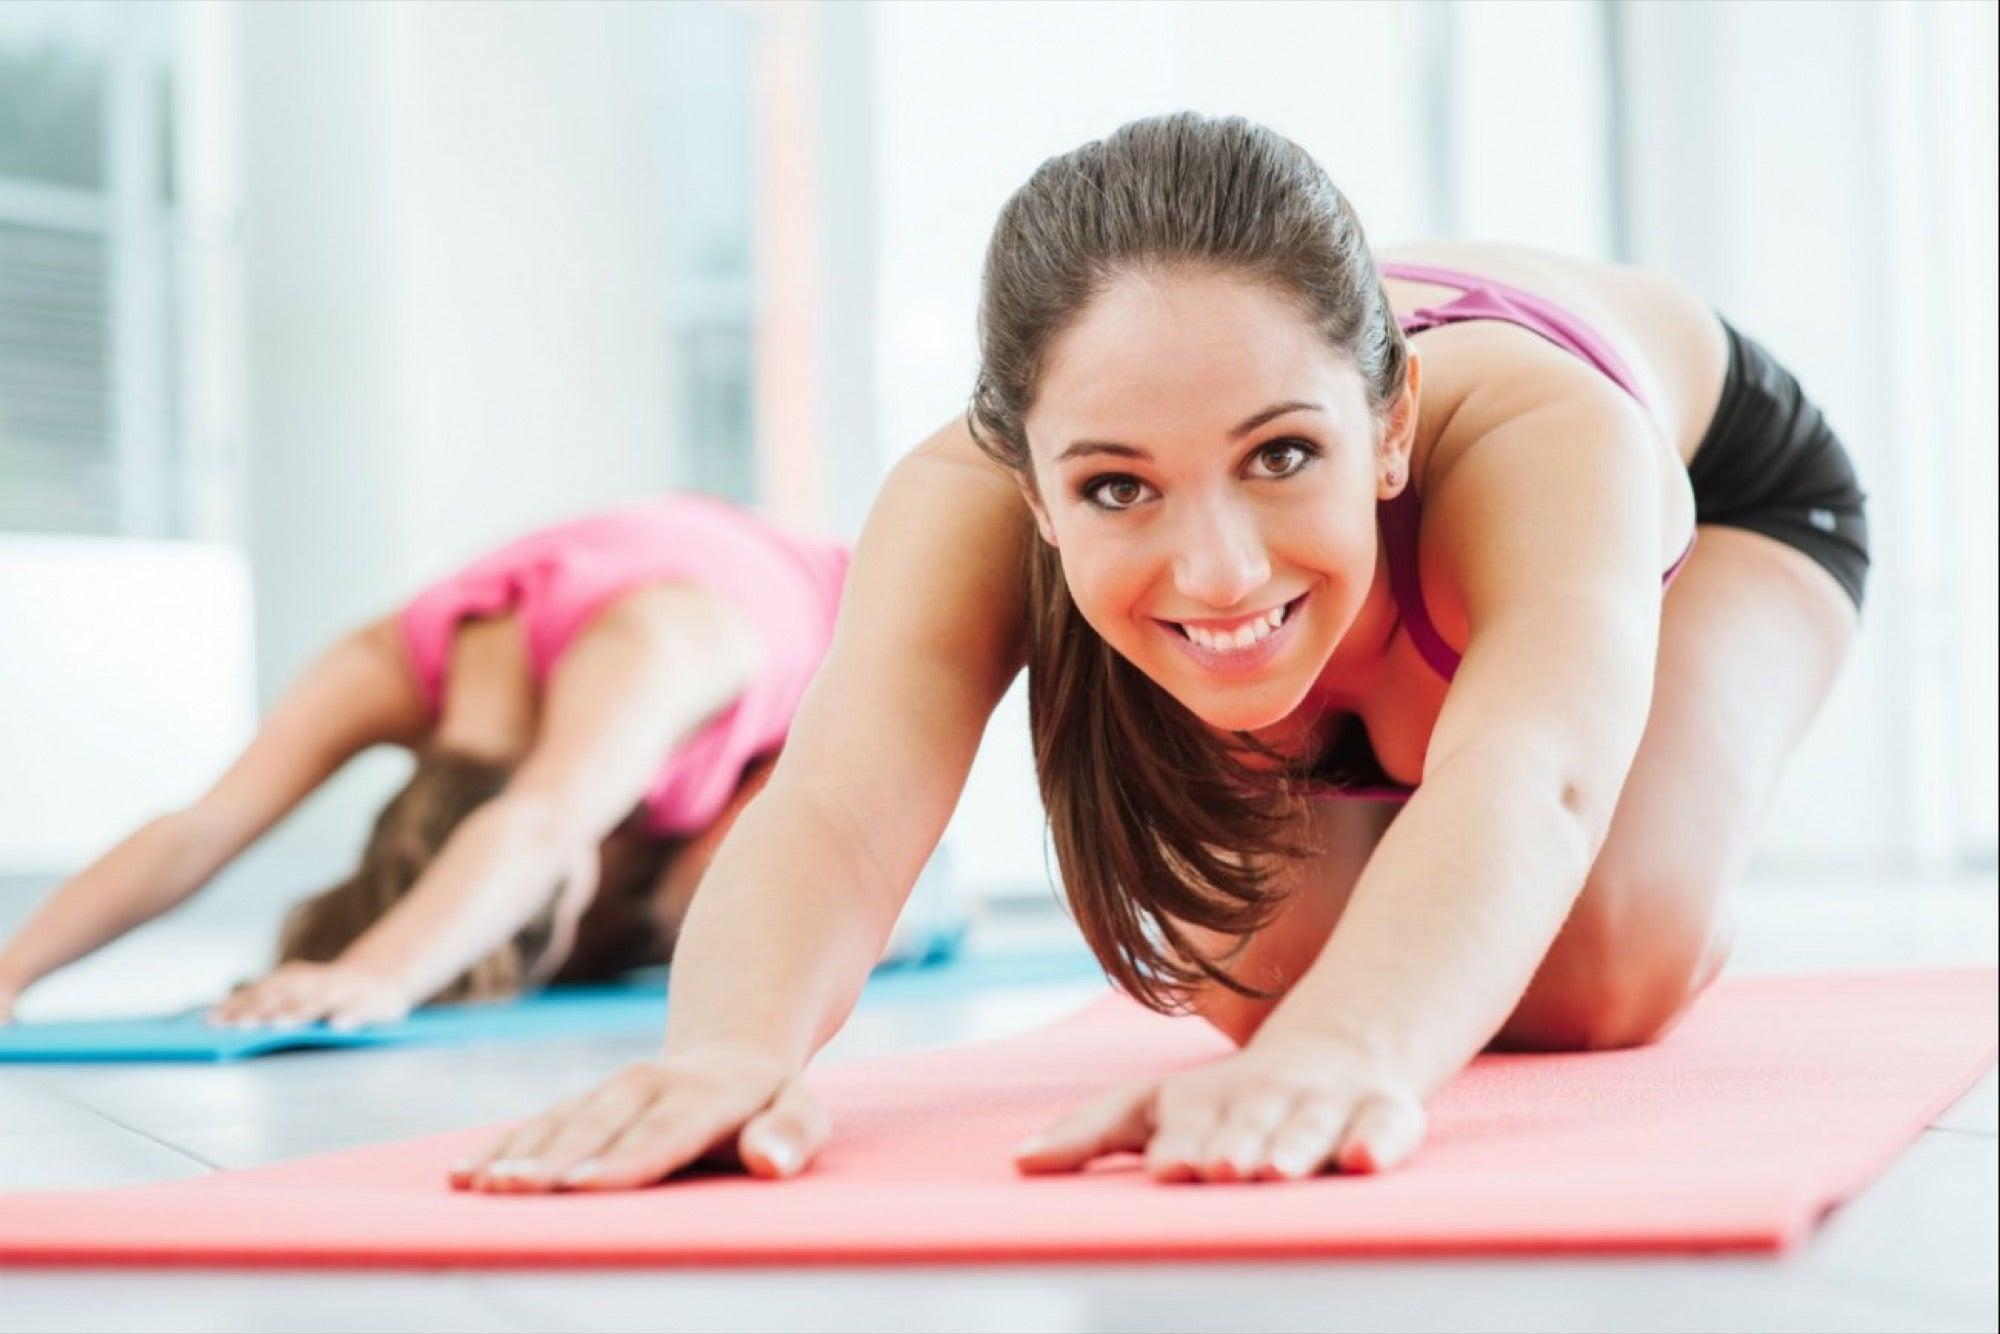 Доступная Йога Для Похудения. 24 эффективных асаны для похудения в домашних условиях